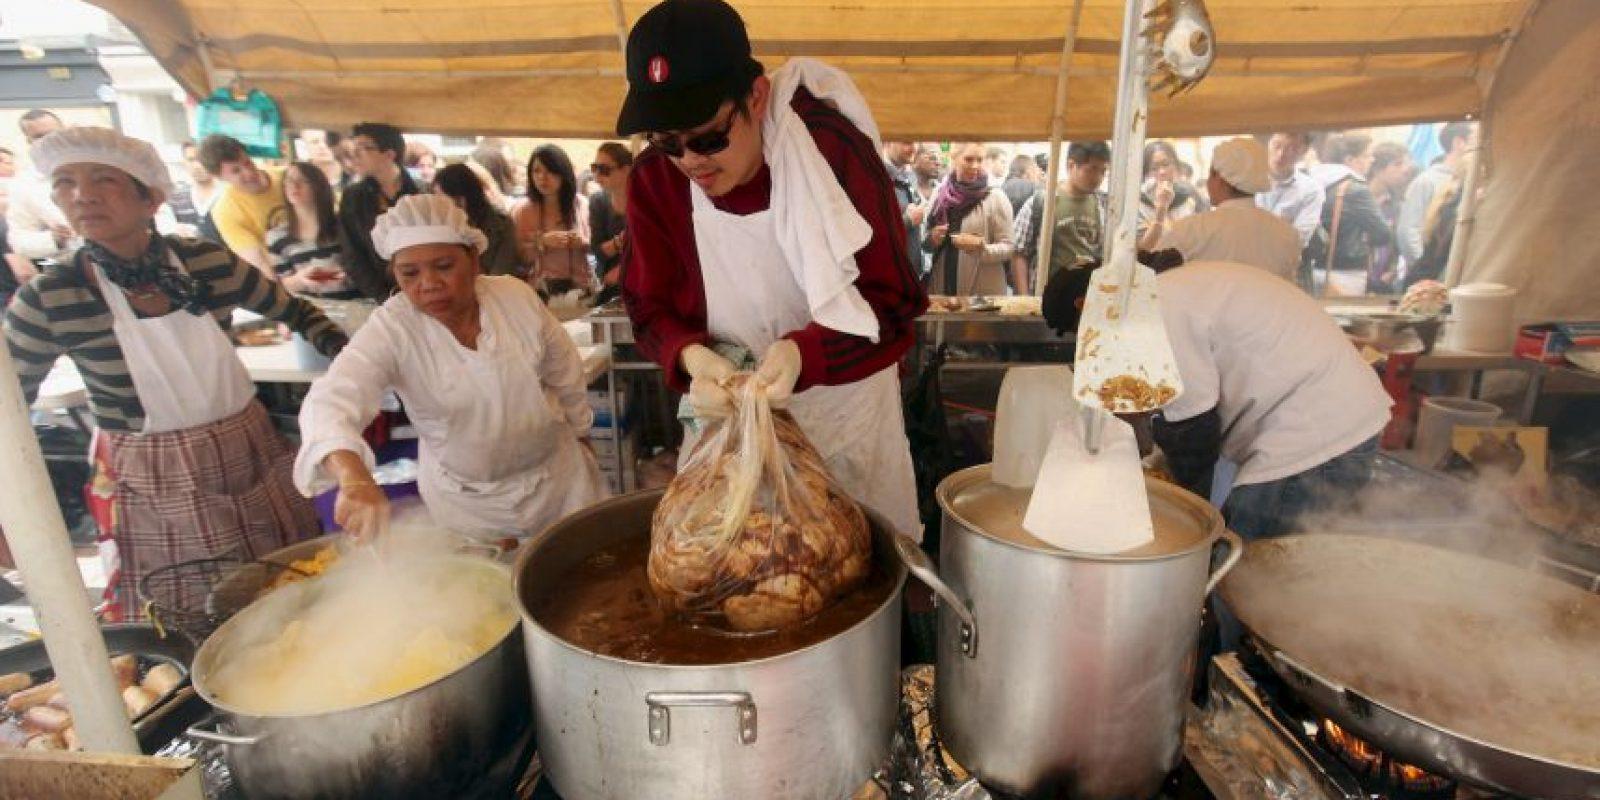 Los alimentos asociados con los brotes de salmonelosis son, por ejemplo, los huevos, la carne de ave y otros productos de origen animal. Foto: Getty Images